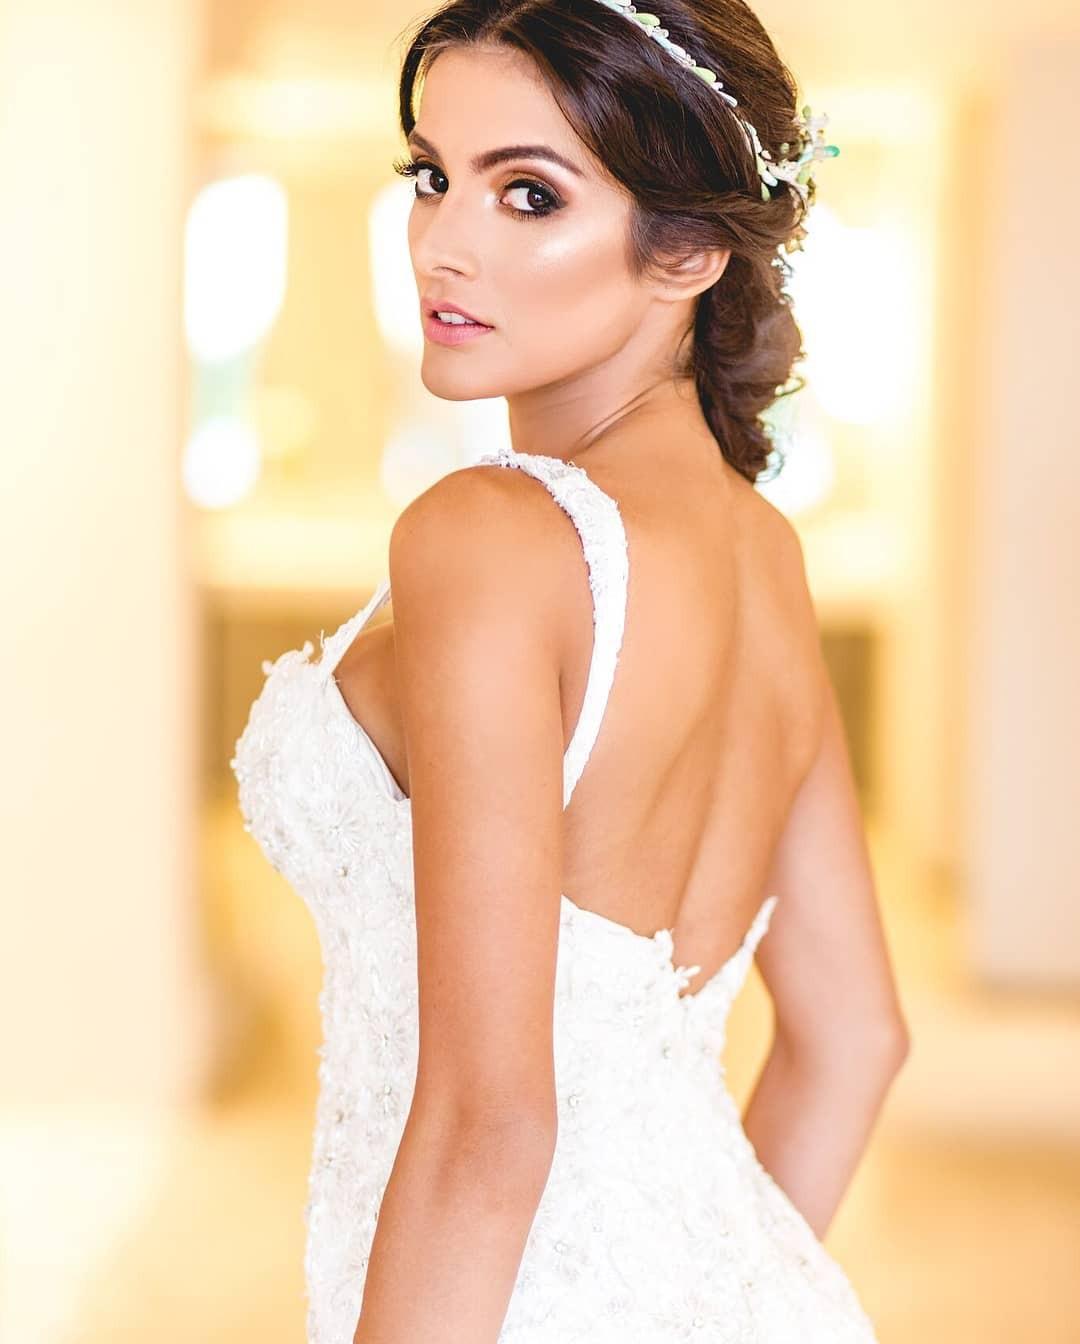 Tân Hoa hậu ngất xỉu: Đẹp như nữ thần Hy Lạp, nhưng bất ngờ hơn là body và profile không vừa của cô-2